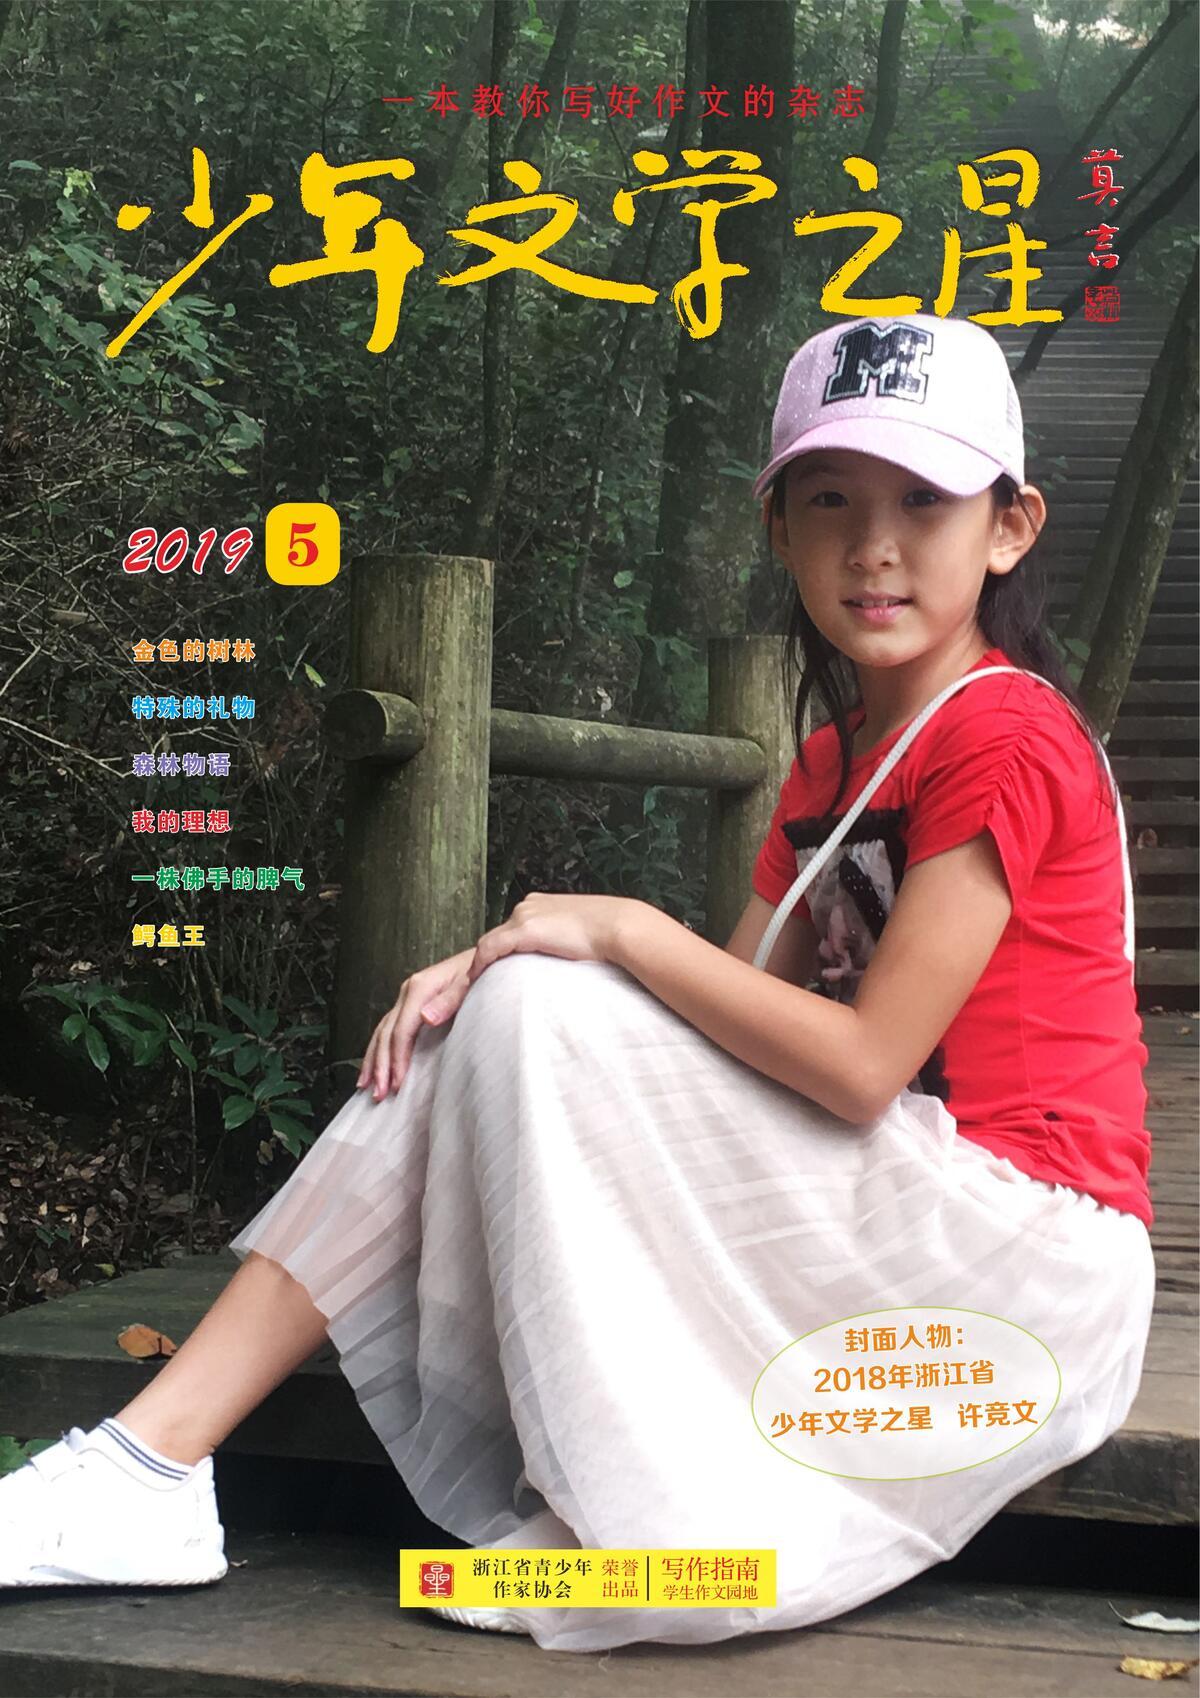 《少年文学之星》2019年5月刊